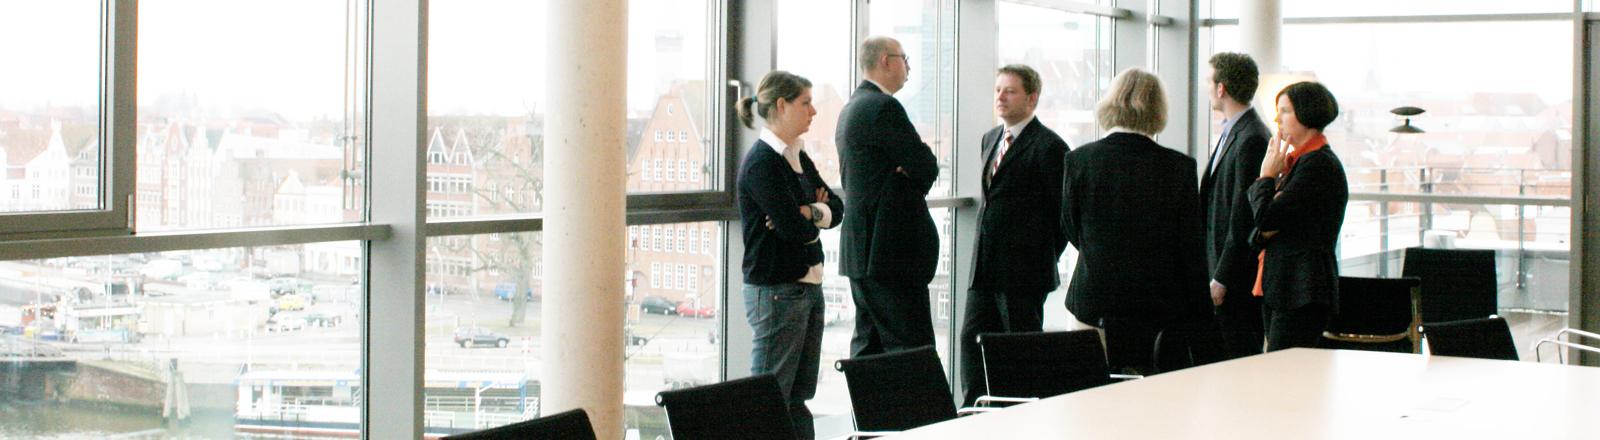 In einem Konferenzraum stehen sechs Geschäftsleute herum und starren professionell aneinander vorbei.